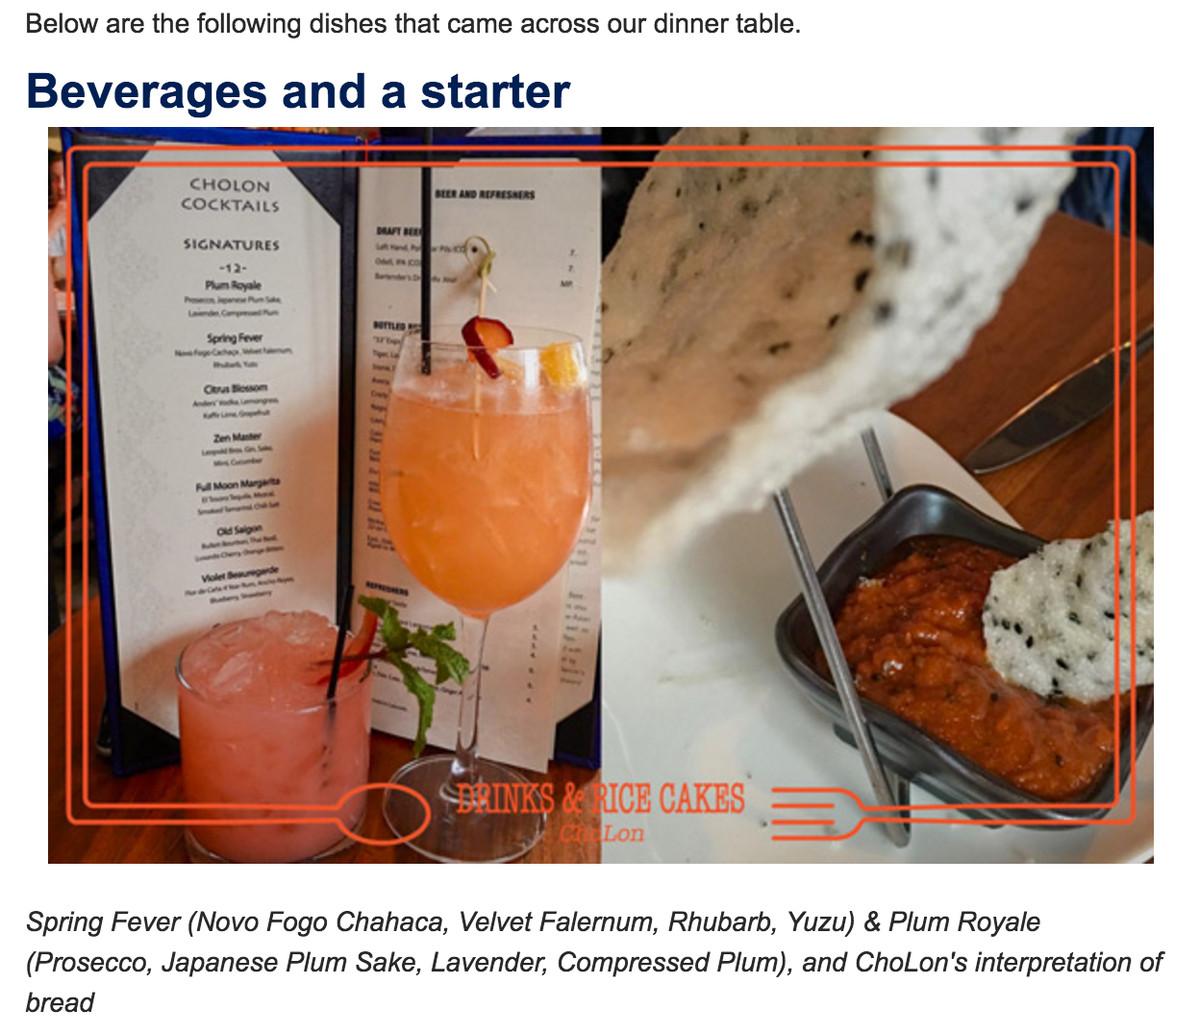 """Screengrab via <a href=""""http://www.denverbroncos.com/news-and-blogs/article-diningreview/McManus-Mile-High-Menu-ChoLon/58d9ce50-b7bf-4f4e-b3e4-3b3becb2fb74"""">McManus's Mile High Menu</a>/Denver Broncos"""